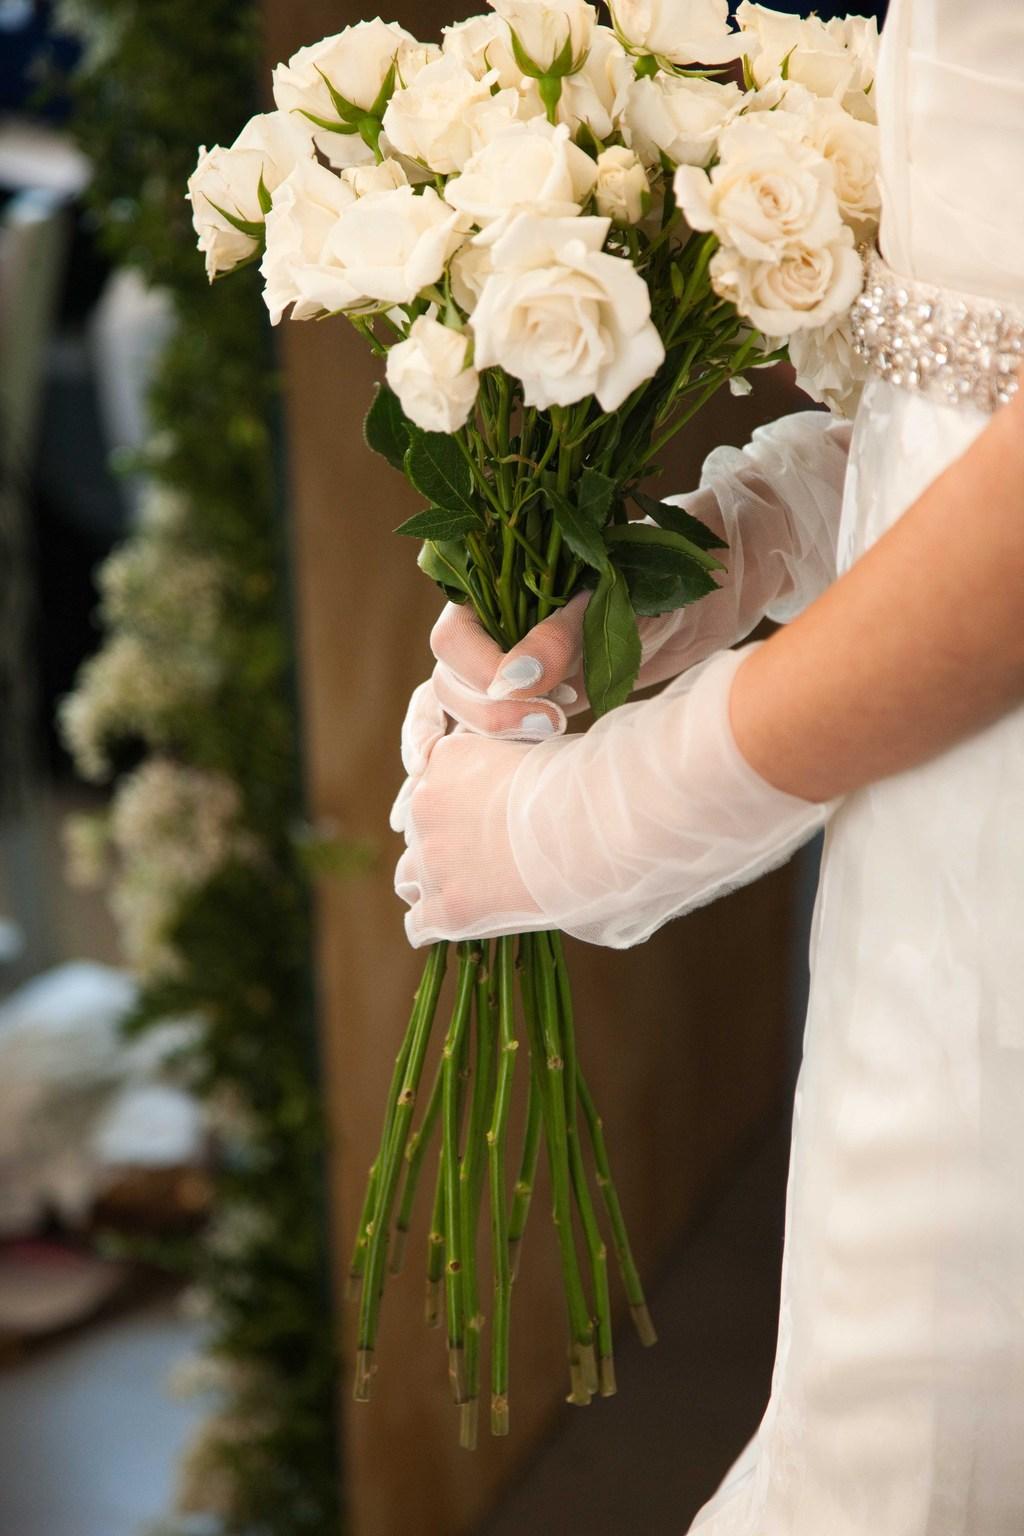 Elegant-wedding-colors-ivory-cream-green-oscar-de-la-renta-12.full